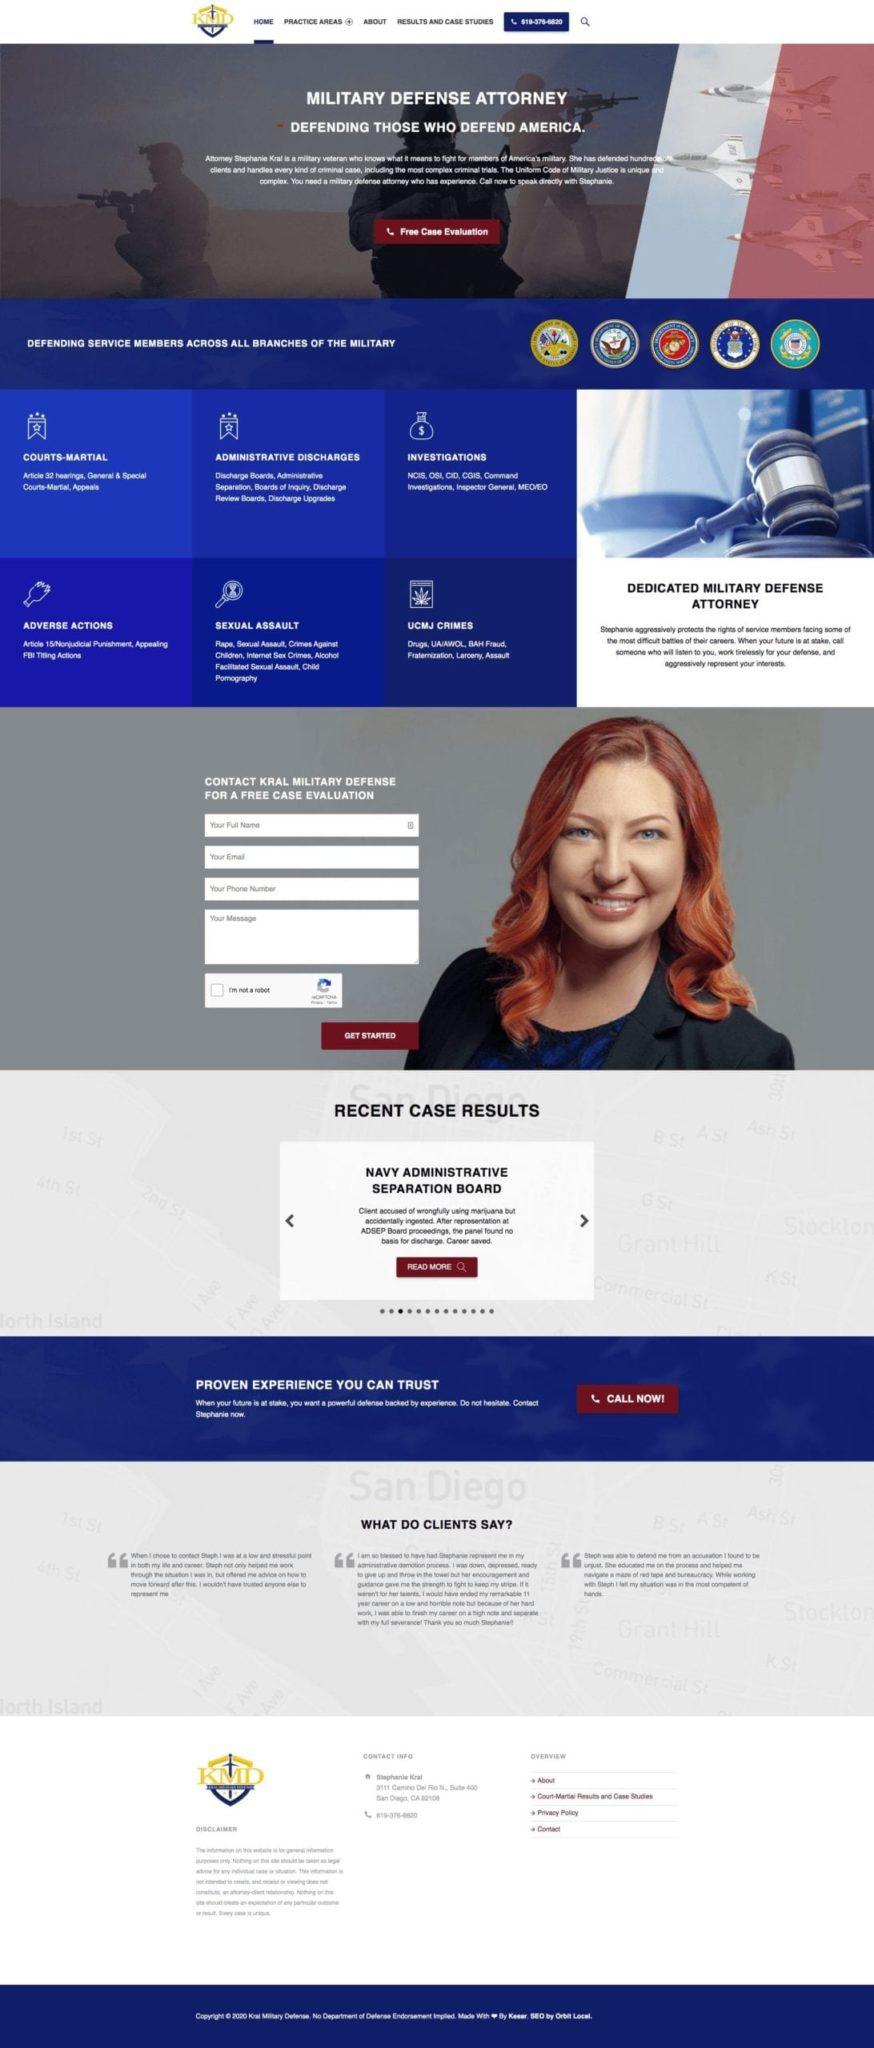 Kral Military Defense Website Design